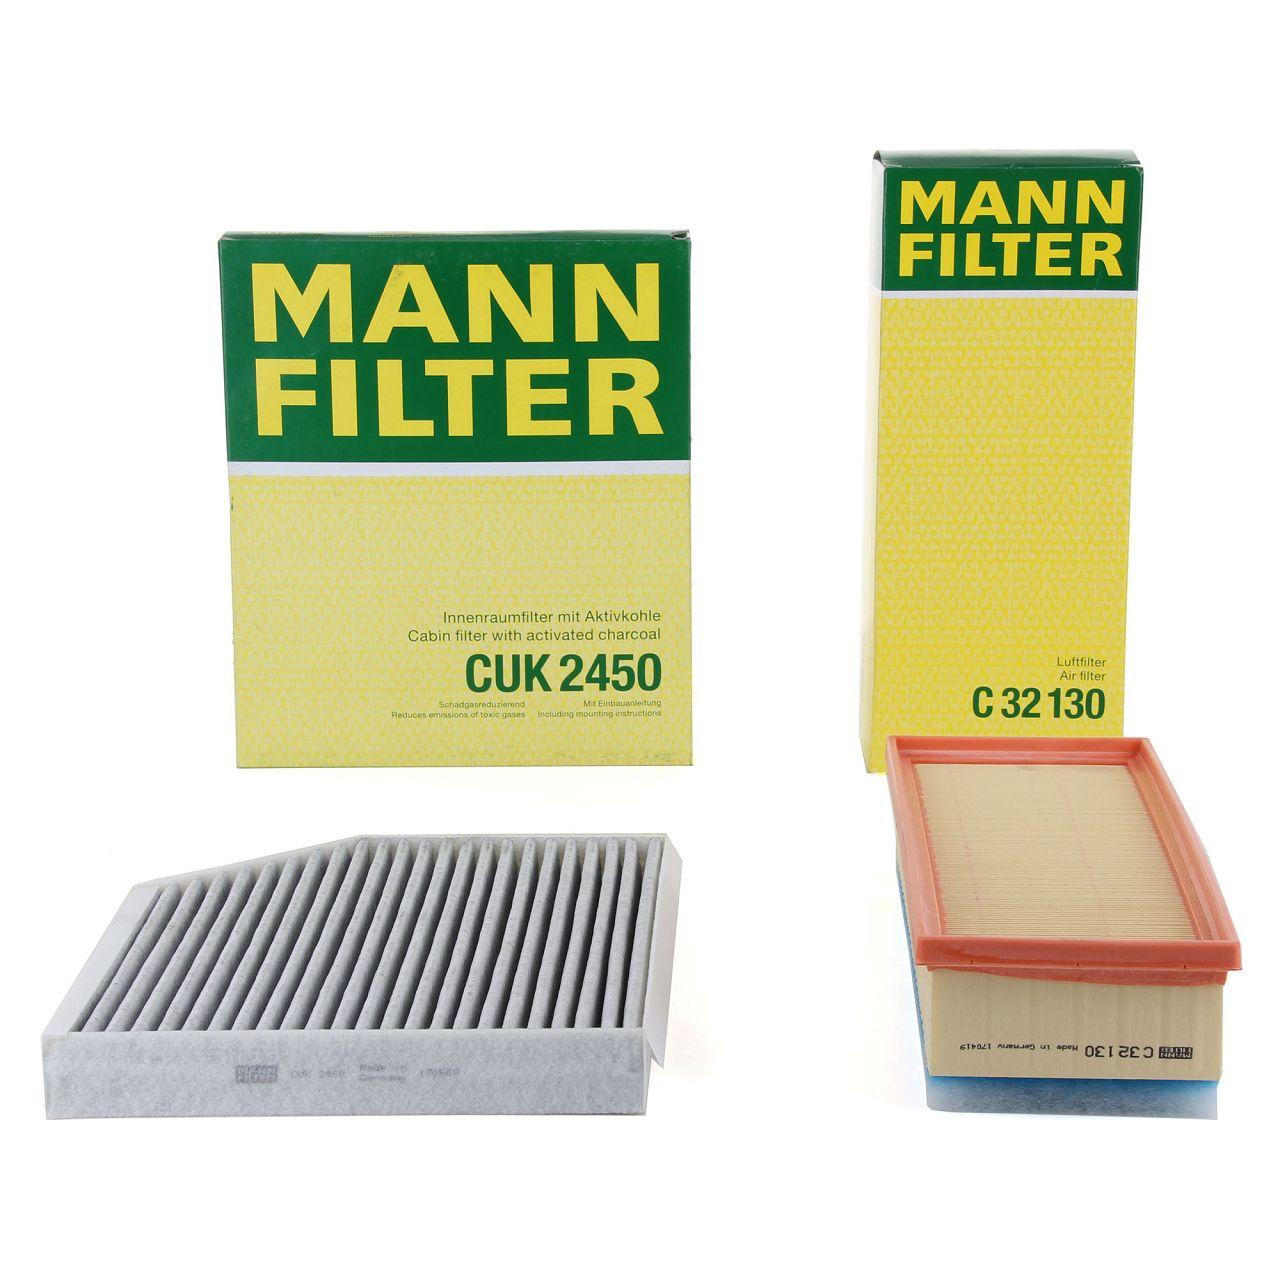 MANN Filterset für AUDI A4 (8K B8) A5 (8T 8F) Q5 (8R) 1.8 TFSI 2.0 TFSI 2.0 TDI